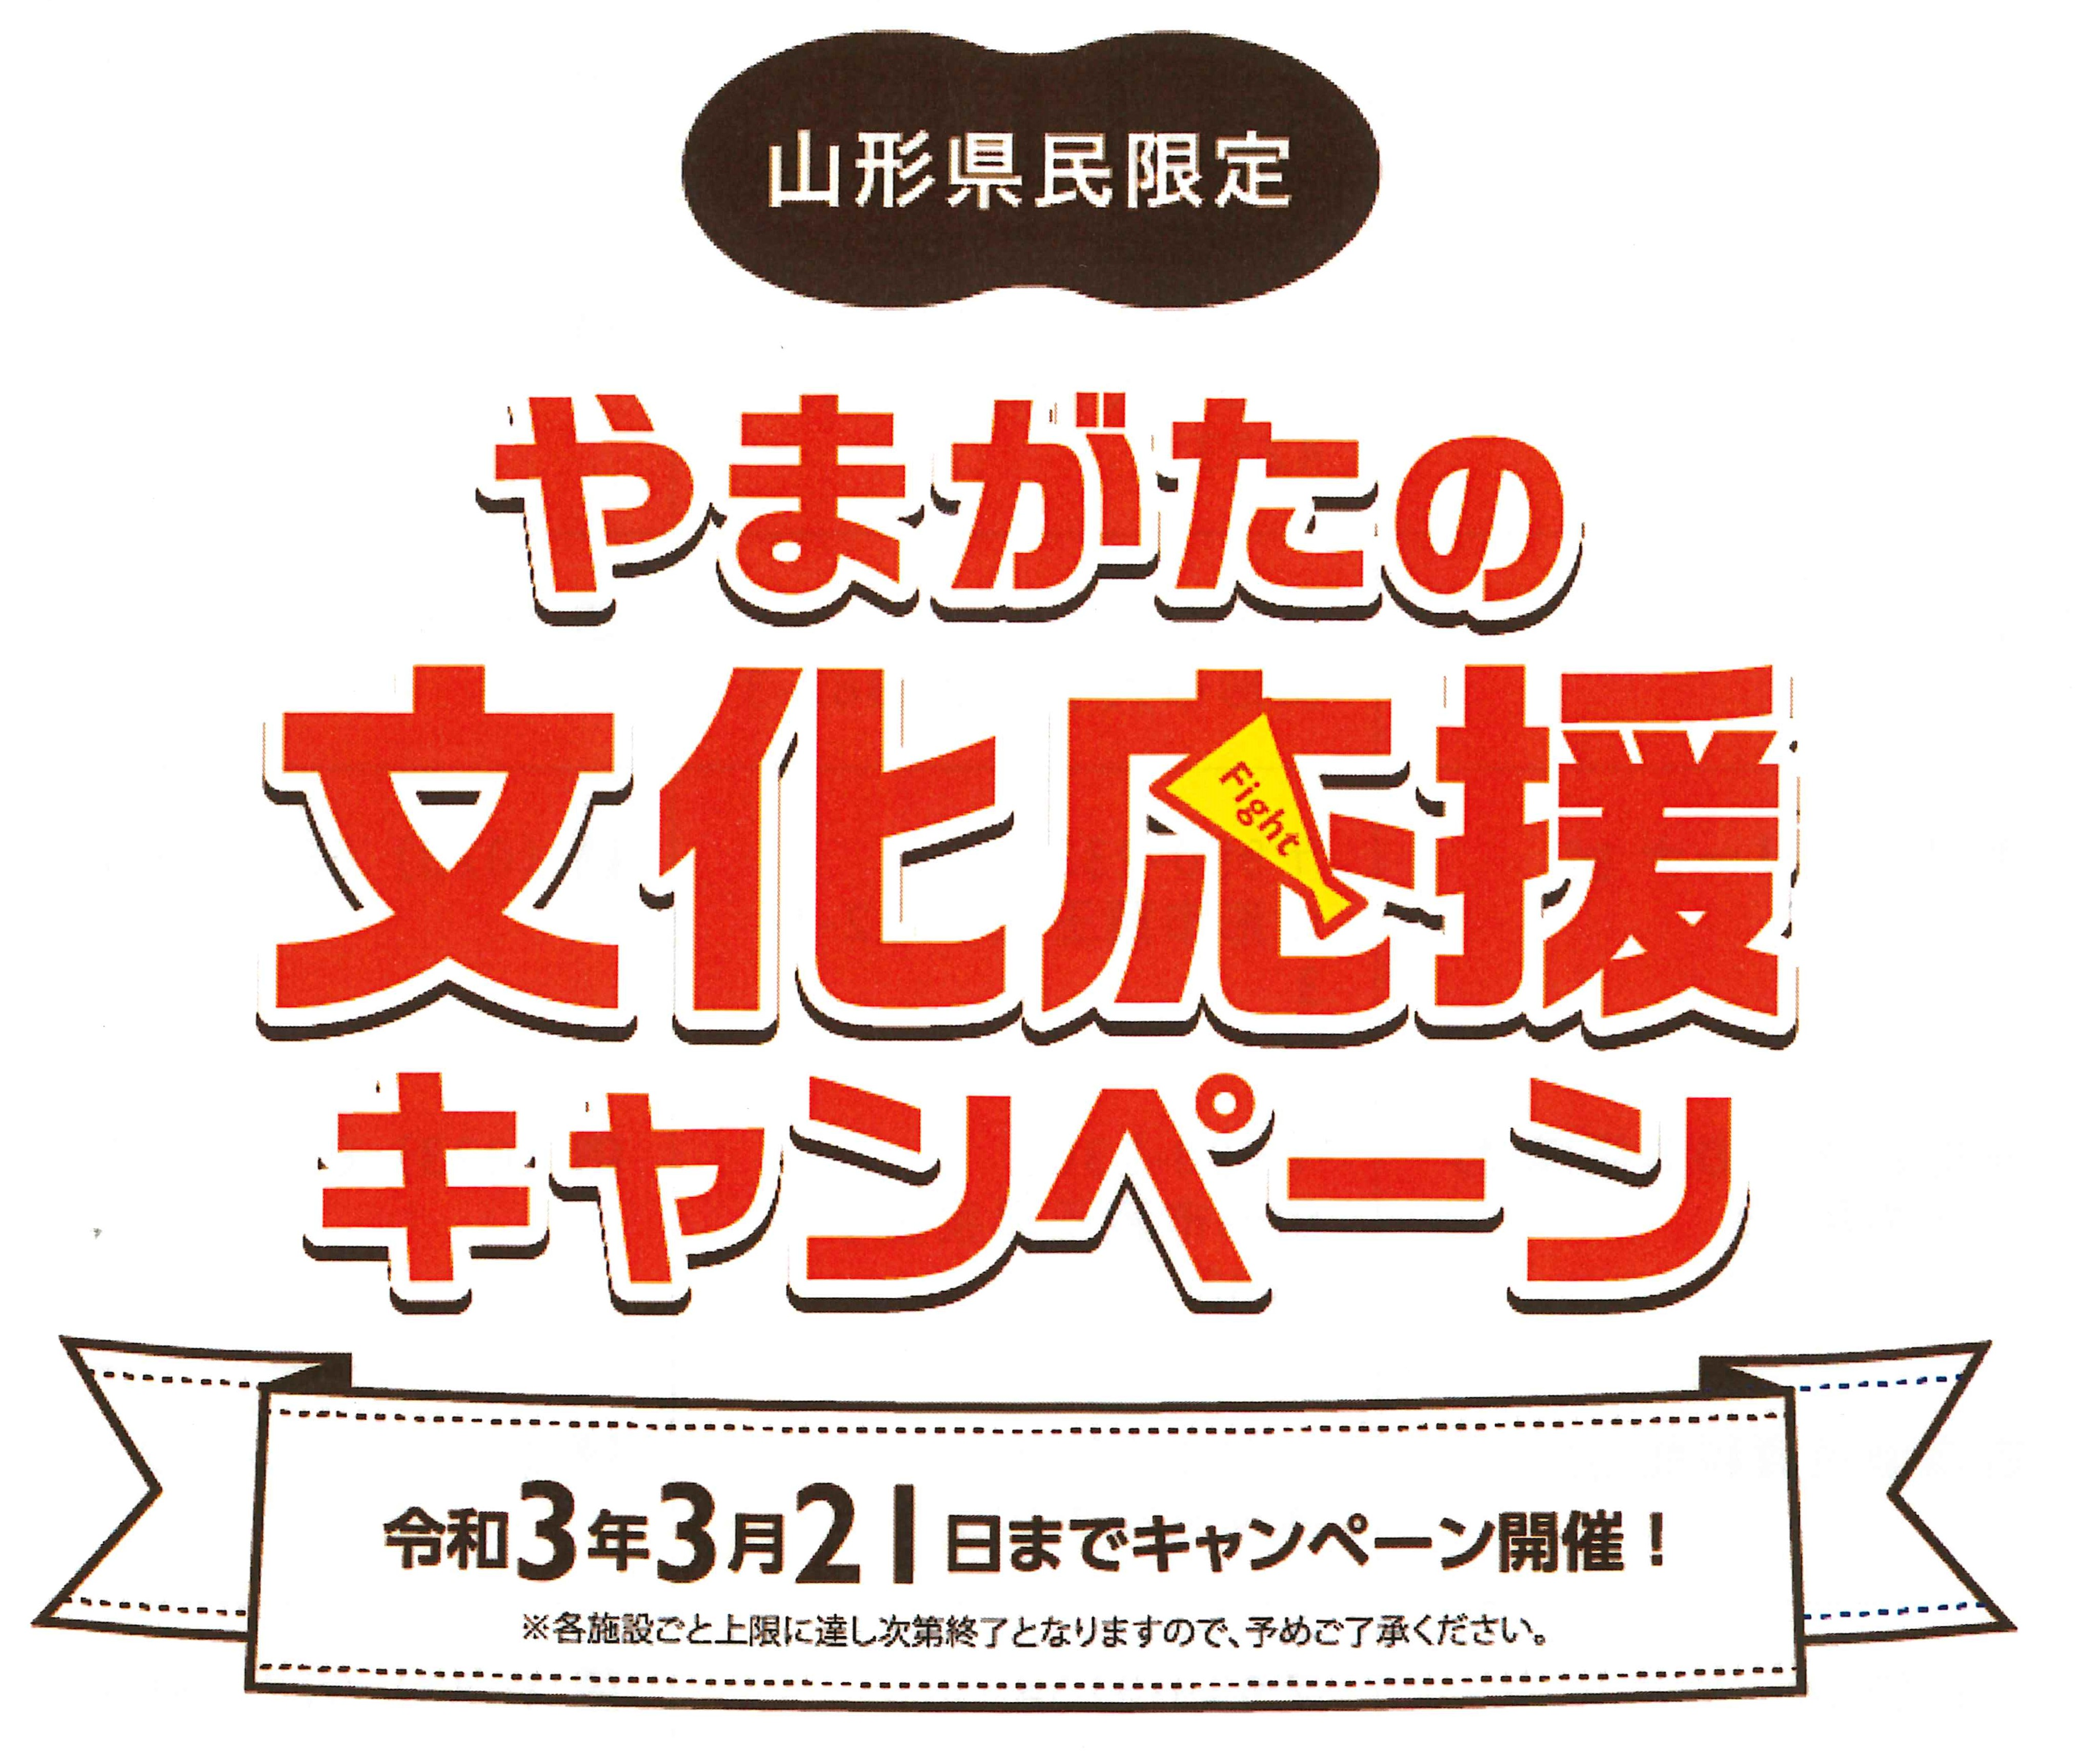 山形県民限定 やまがたの文化応援キャンペーン 入館料お買い物が半額!:画像